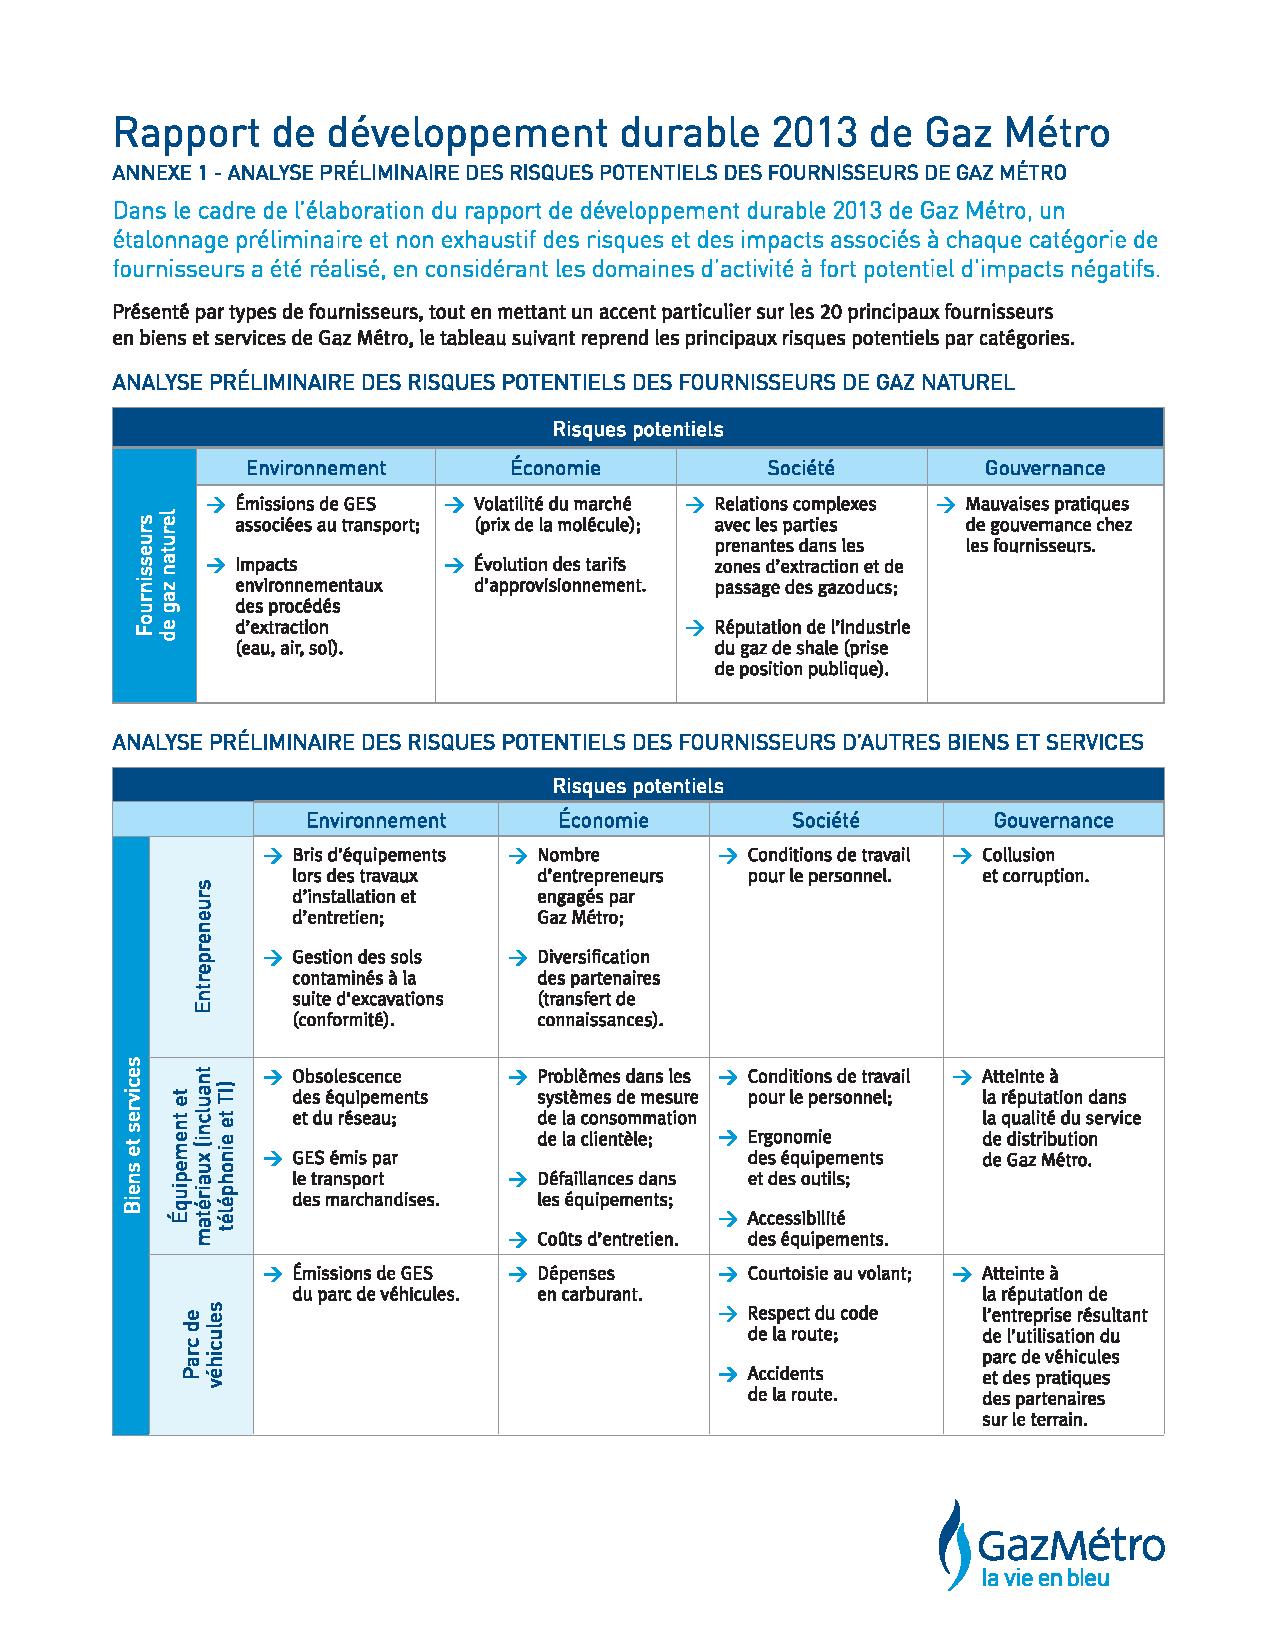 ECPAR | Performance des fournisseurs